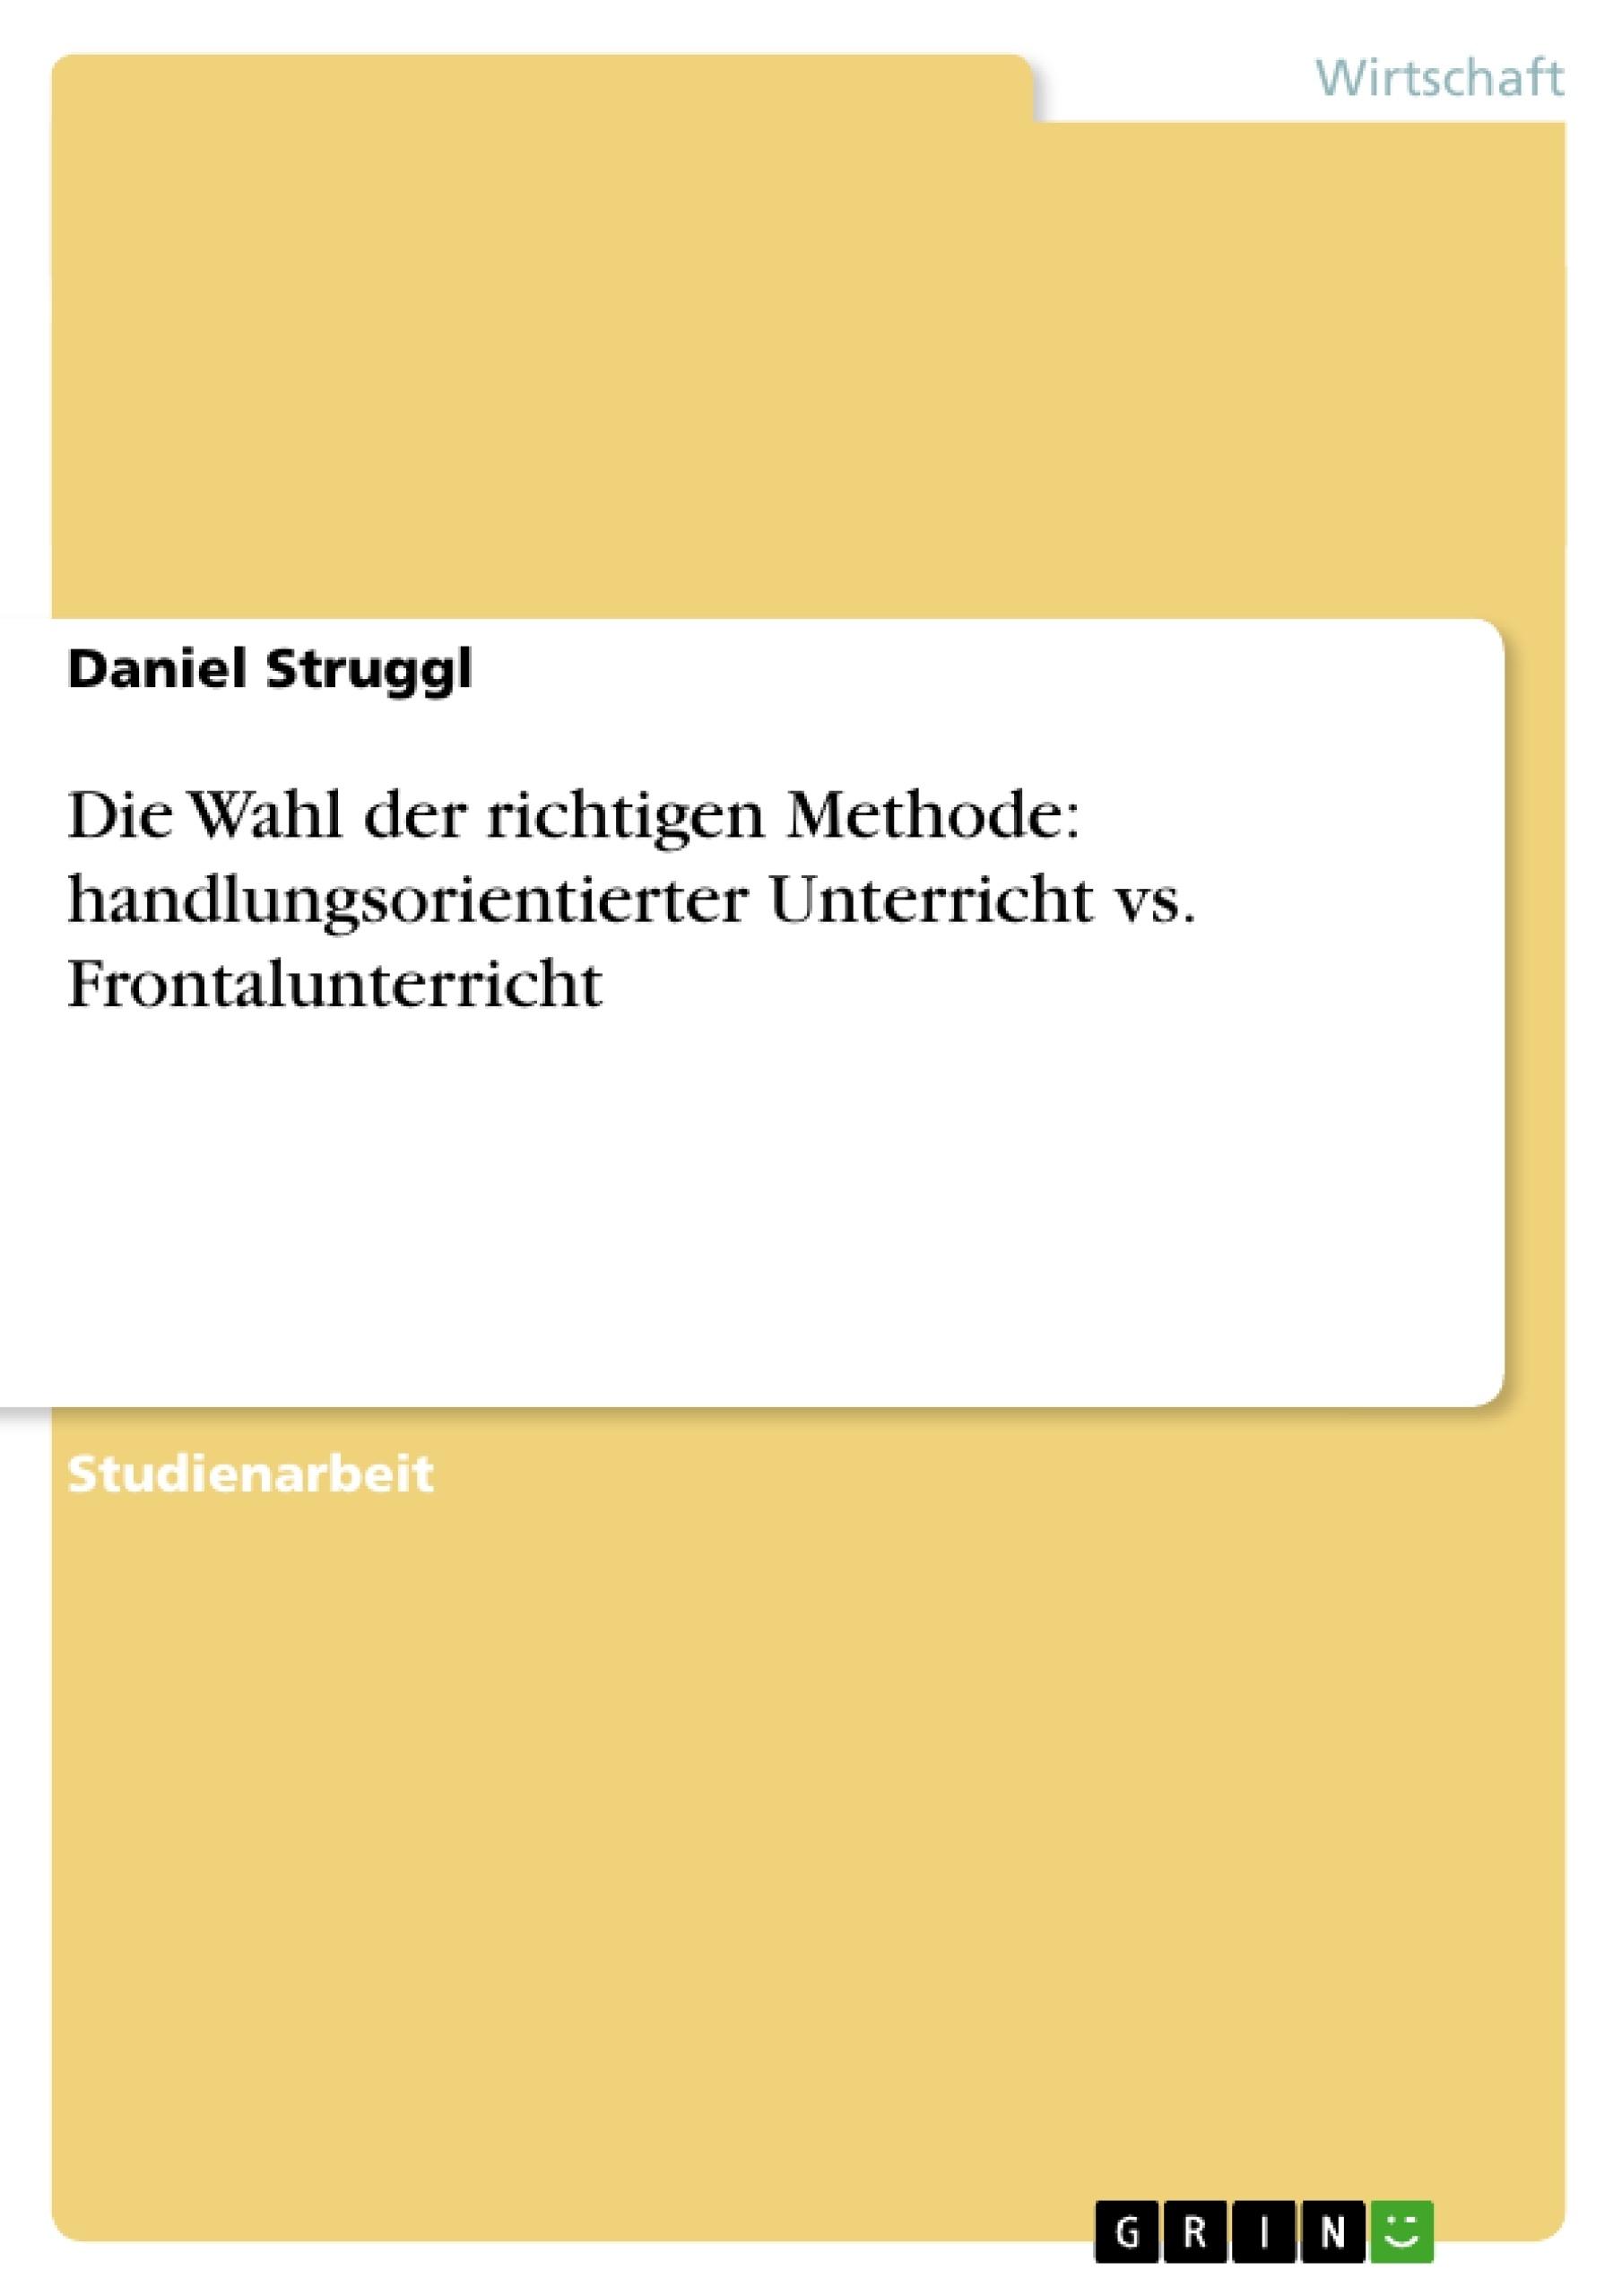 Titel: Die Wahl der richtigen Methode: handlungsorientierter Unterricht vs. Frontalunterricht